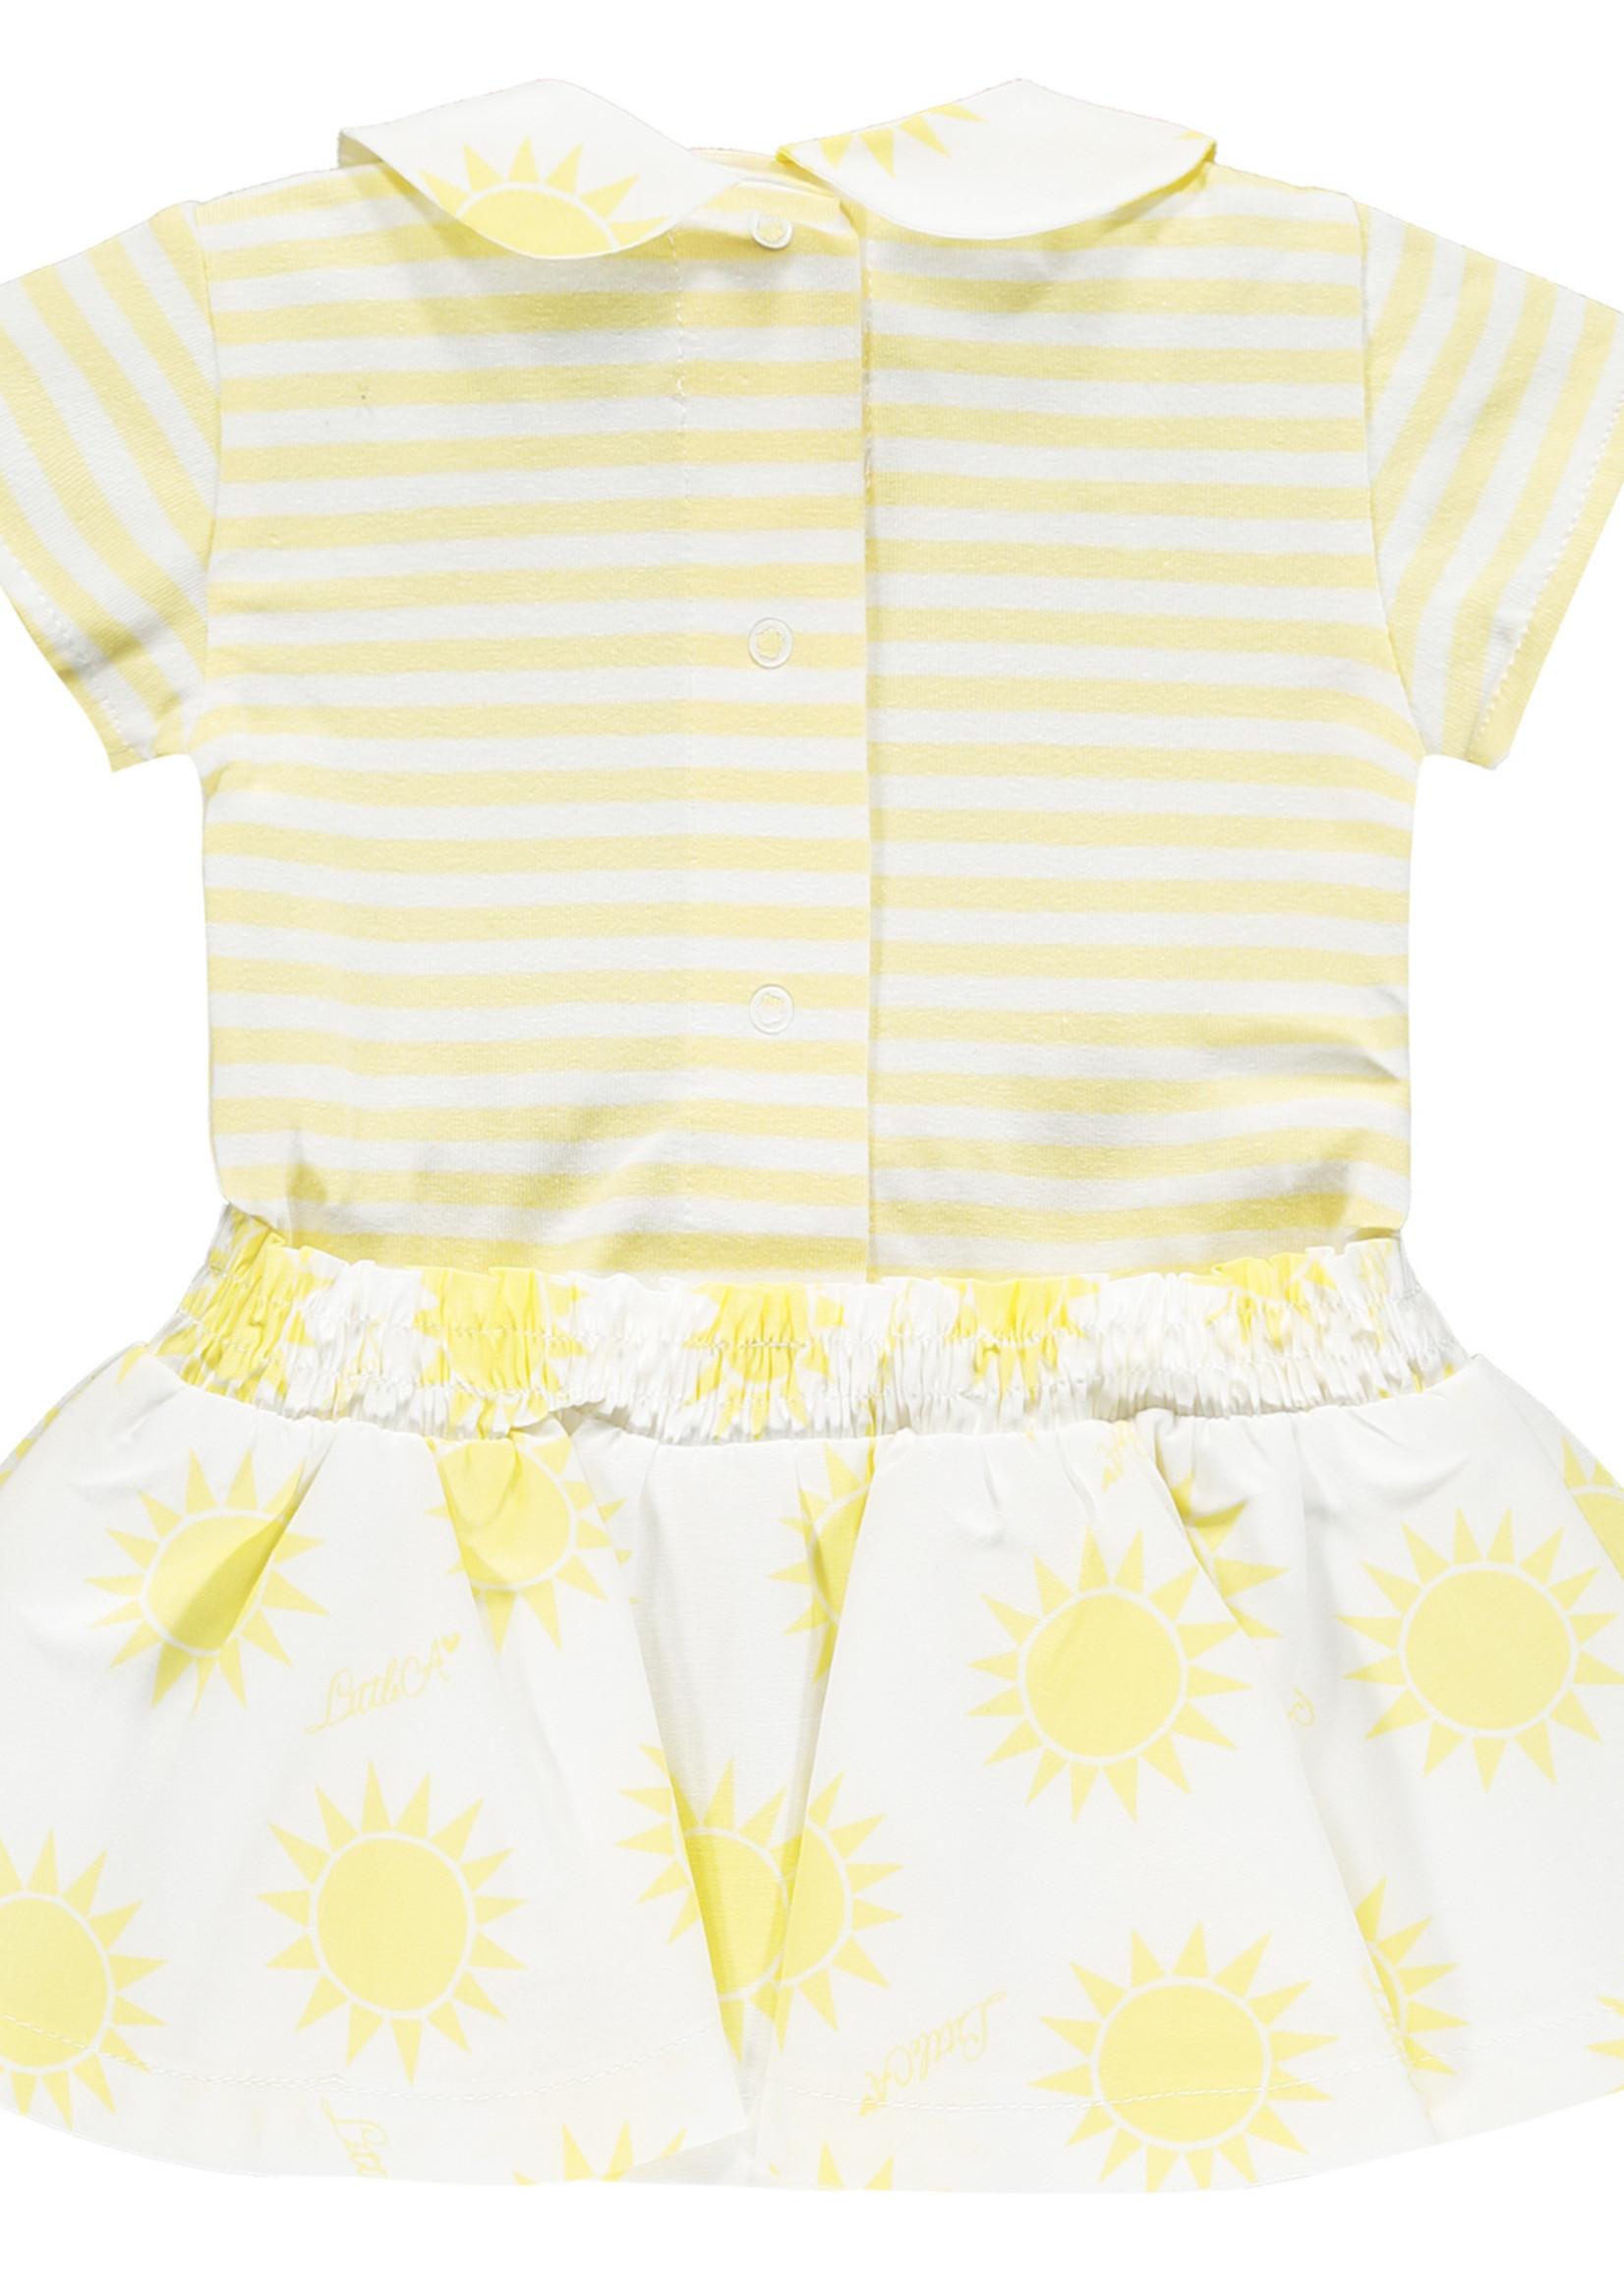 Little Adee Kara stripe sunshine dress